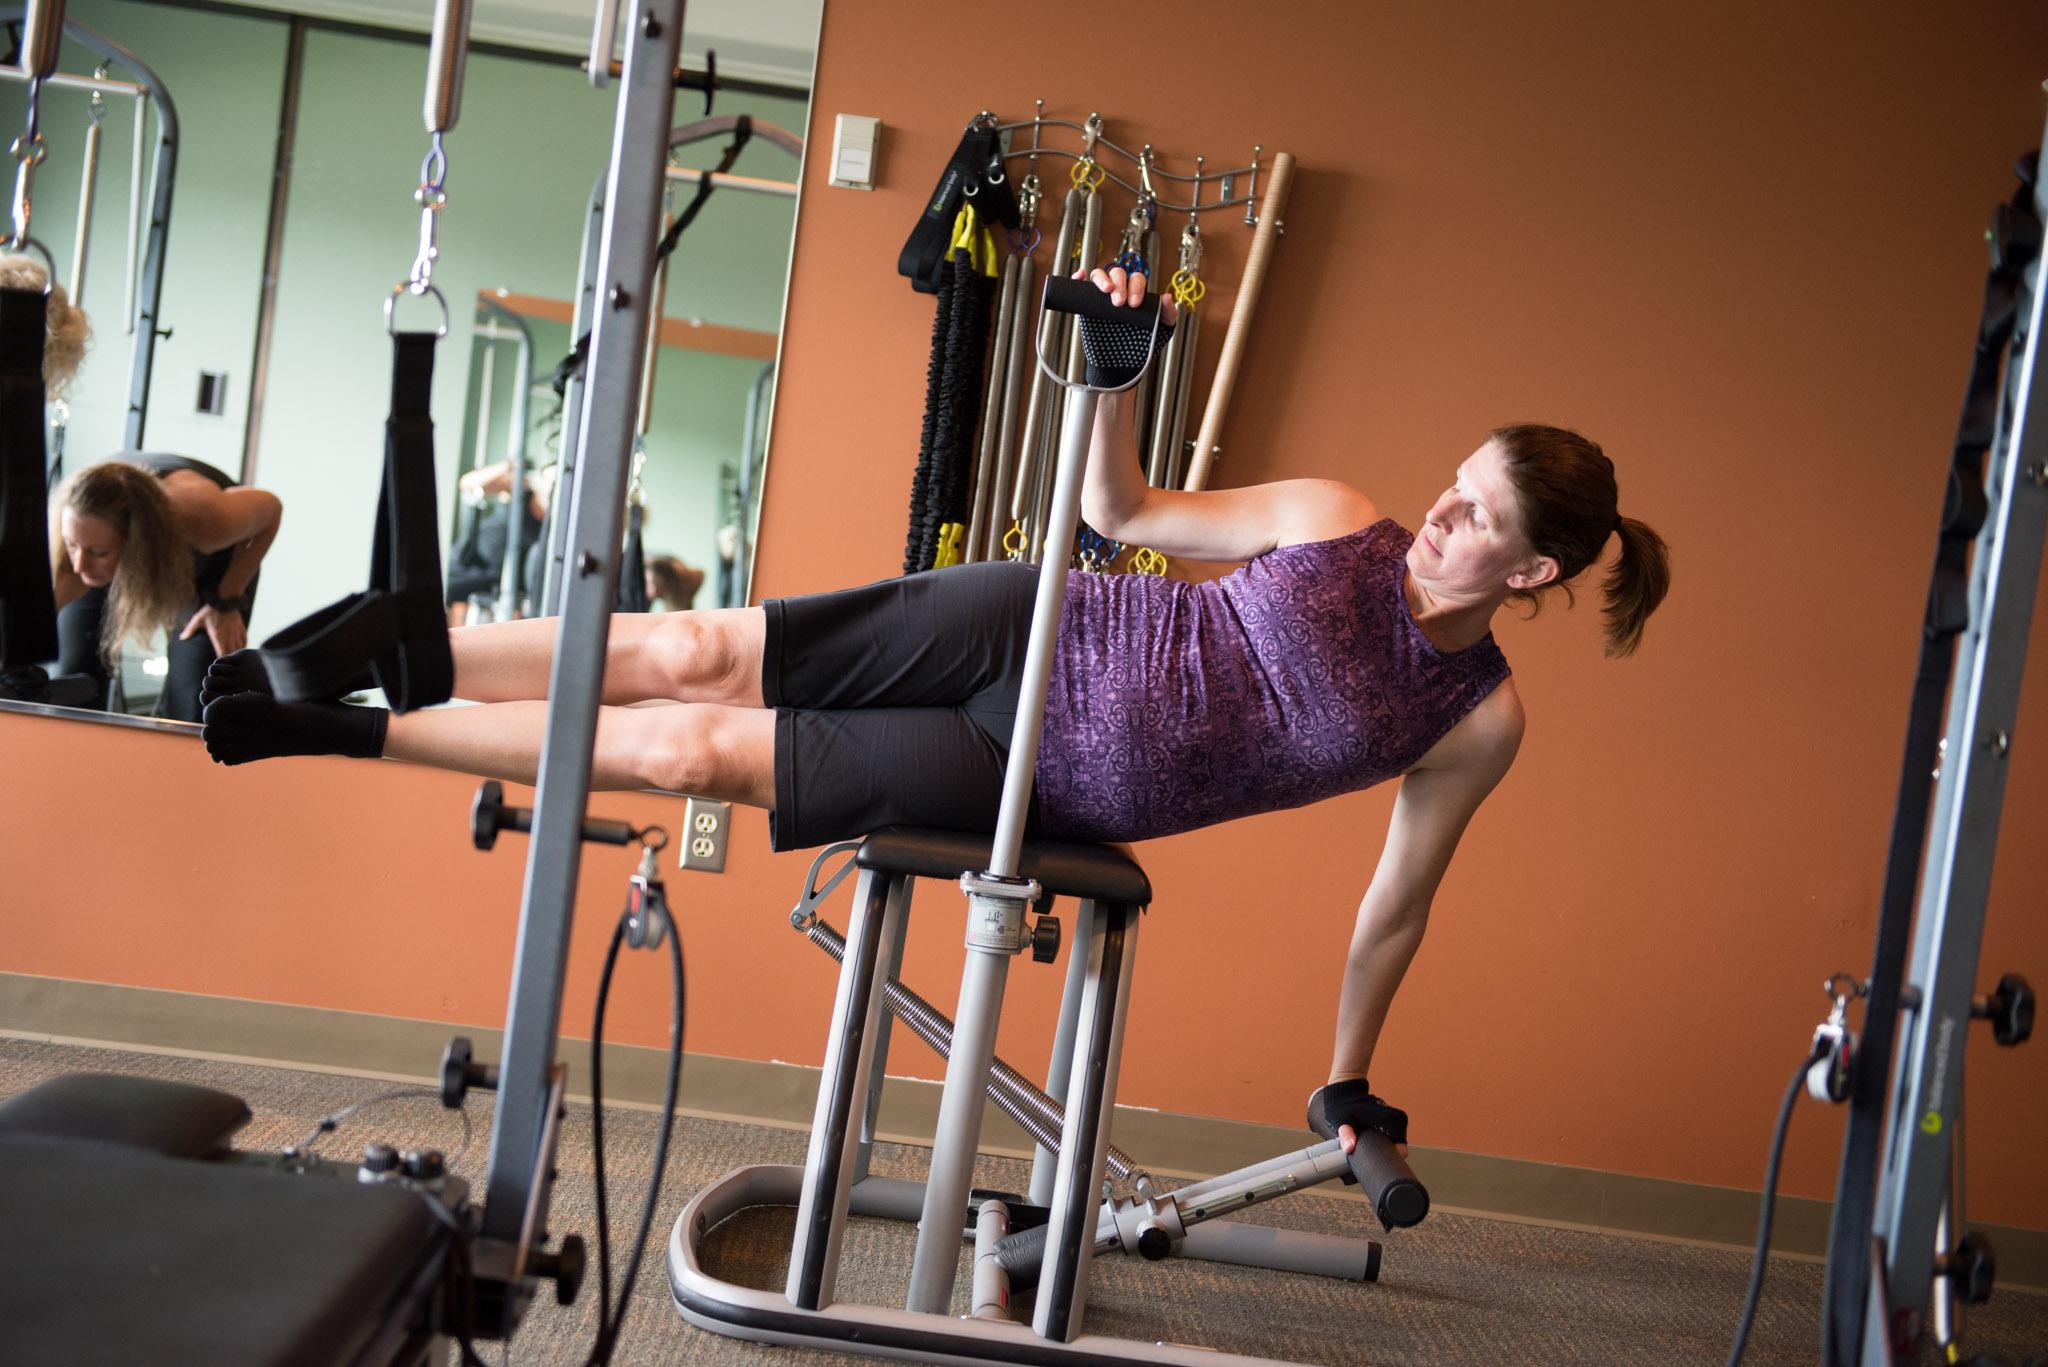 Wellness Center Stock Photos-1456.jpg